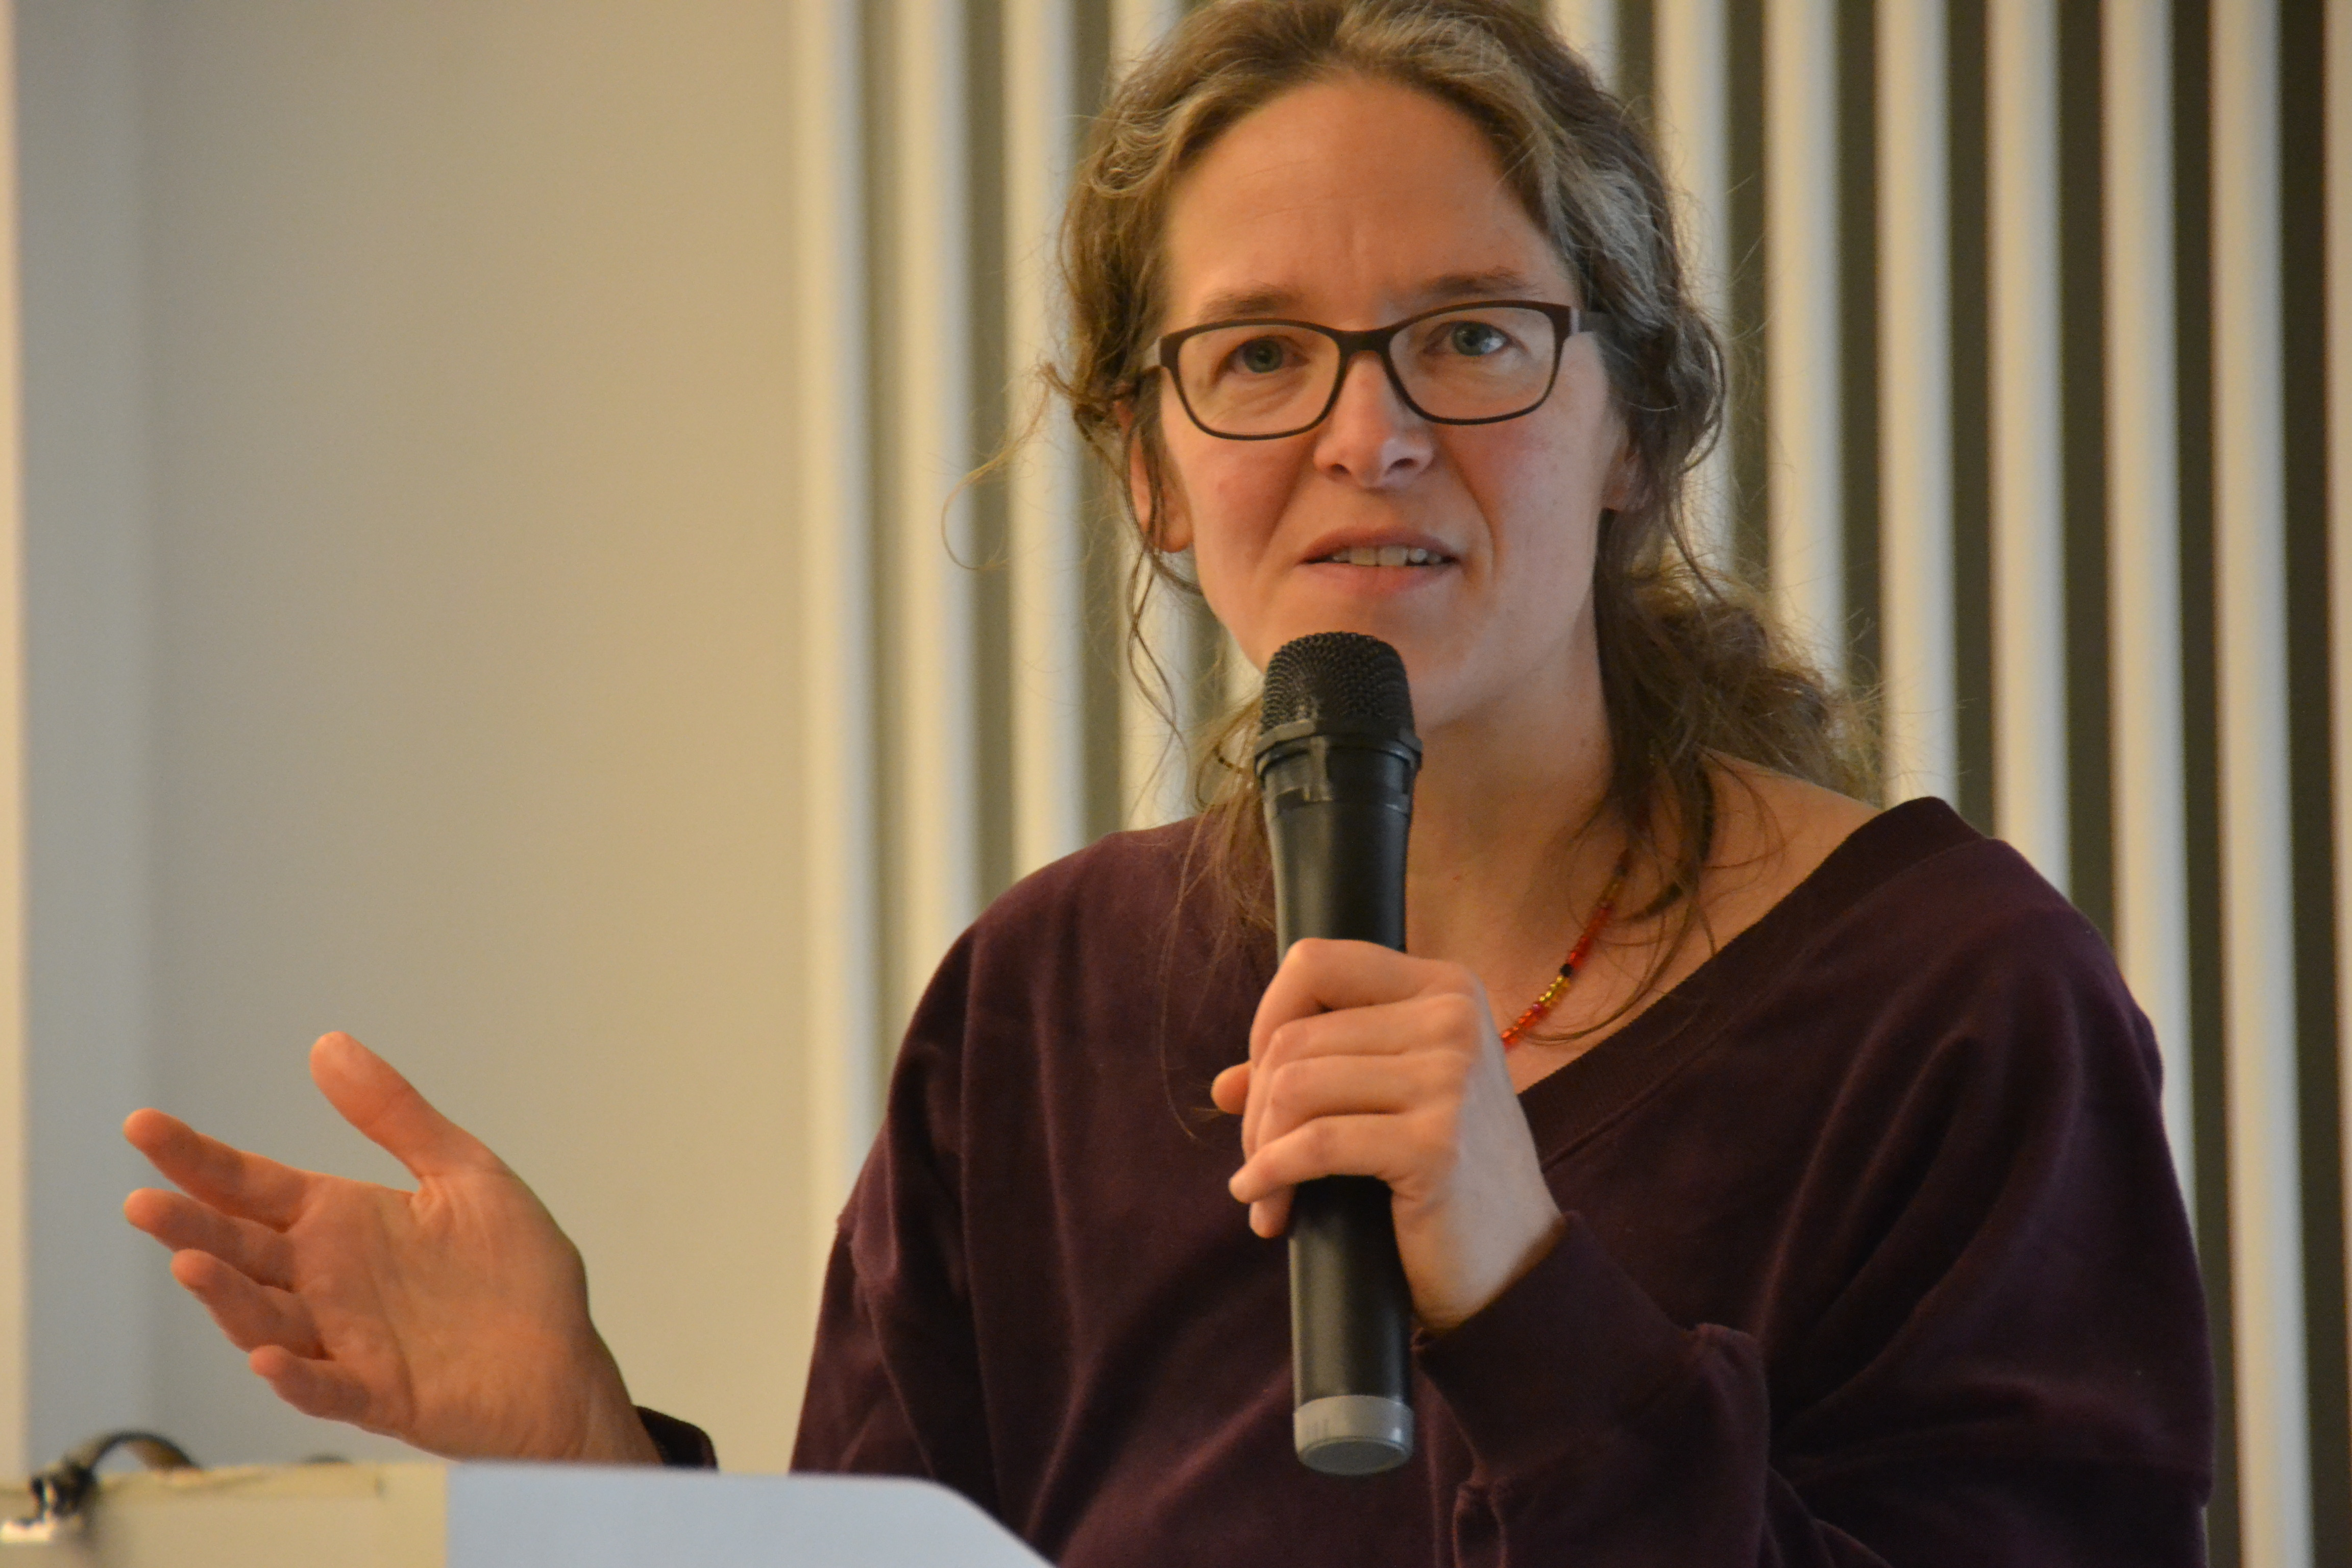 Prof. Dr. Friederike Wapler, Thementag Inter*geschlechtlichkeit der HLCMR